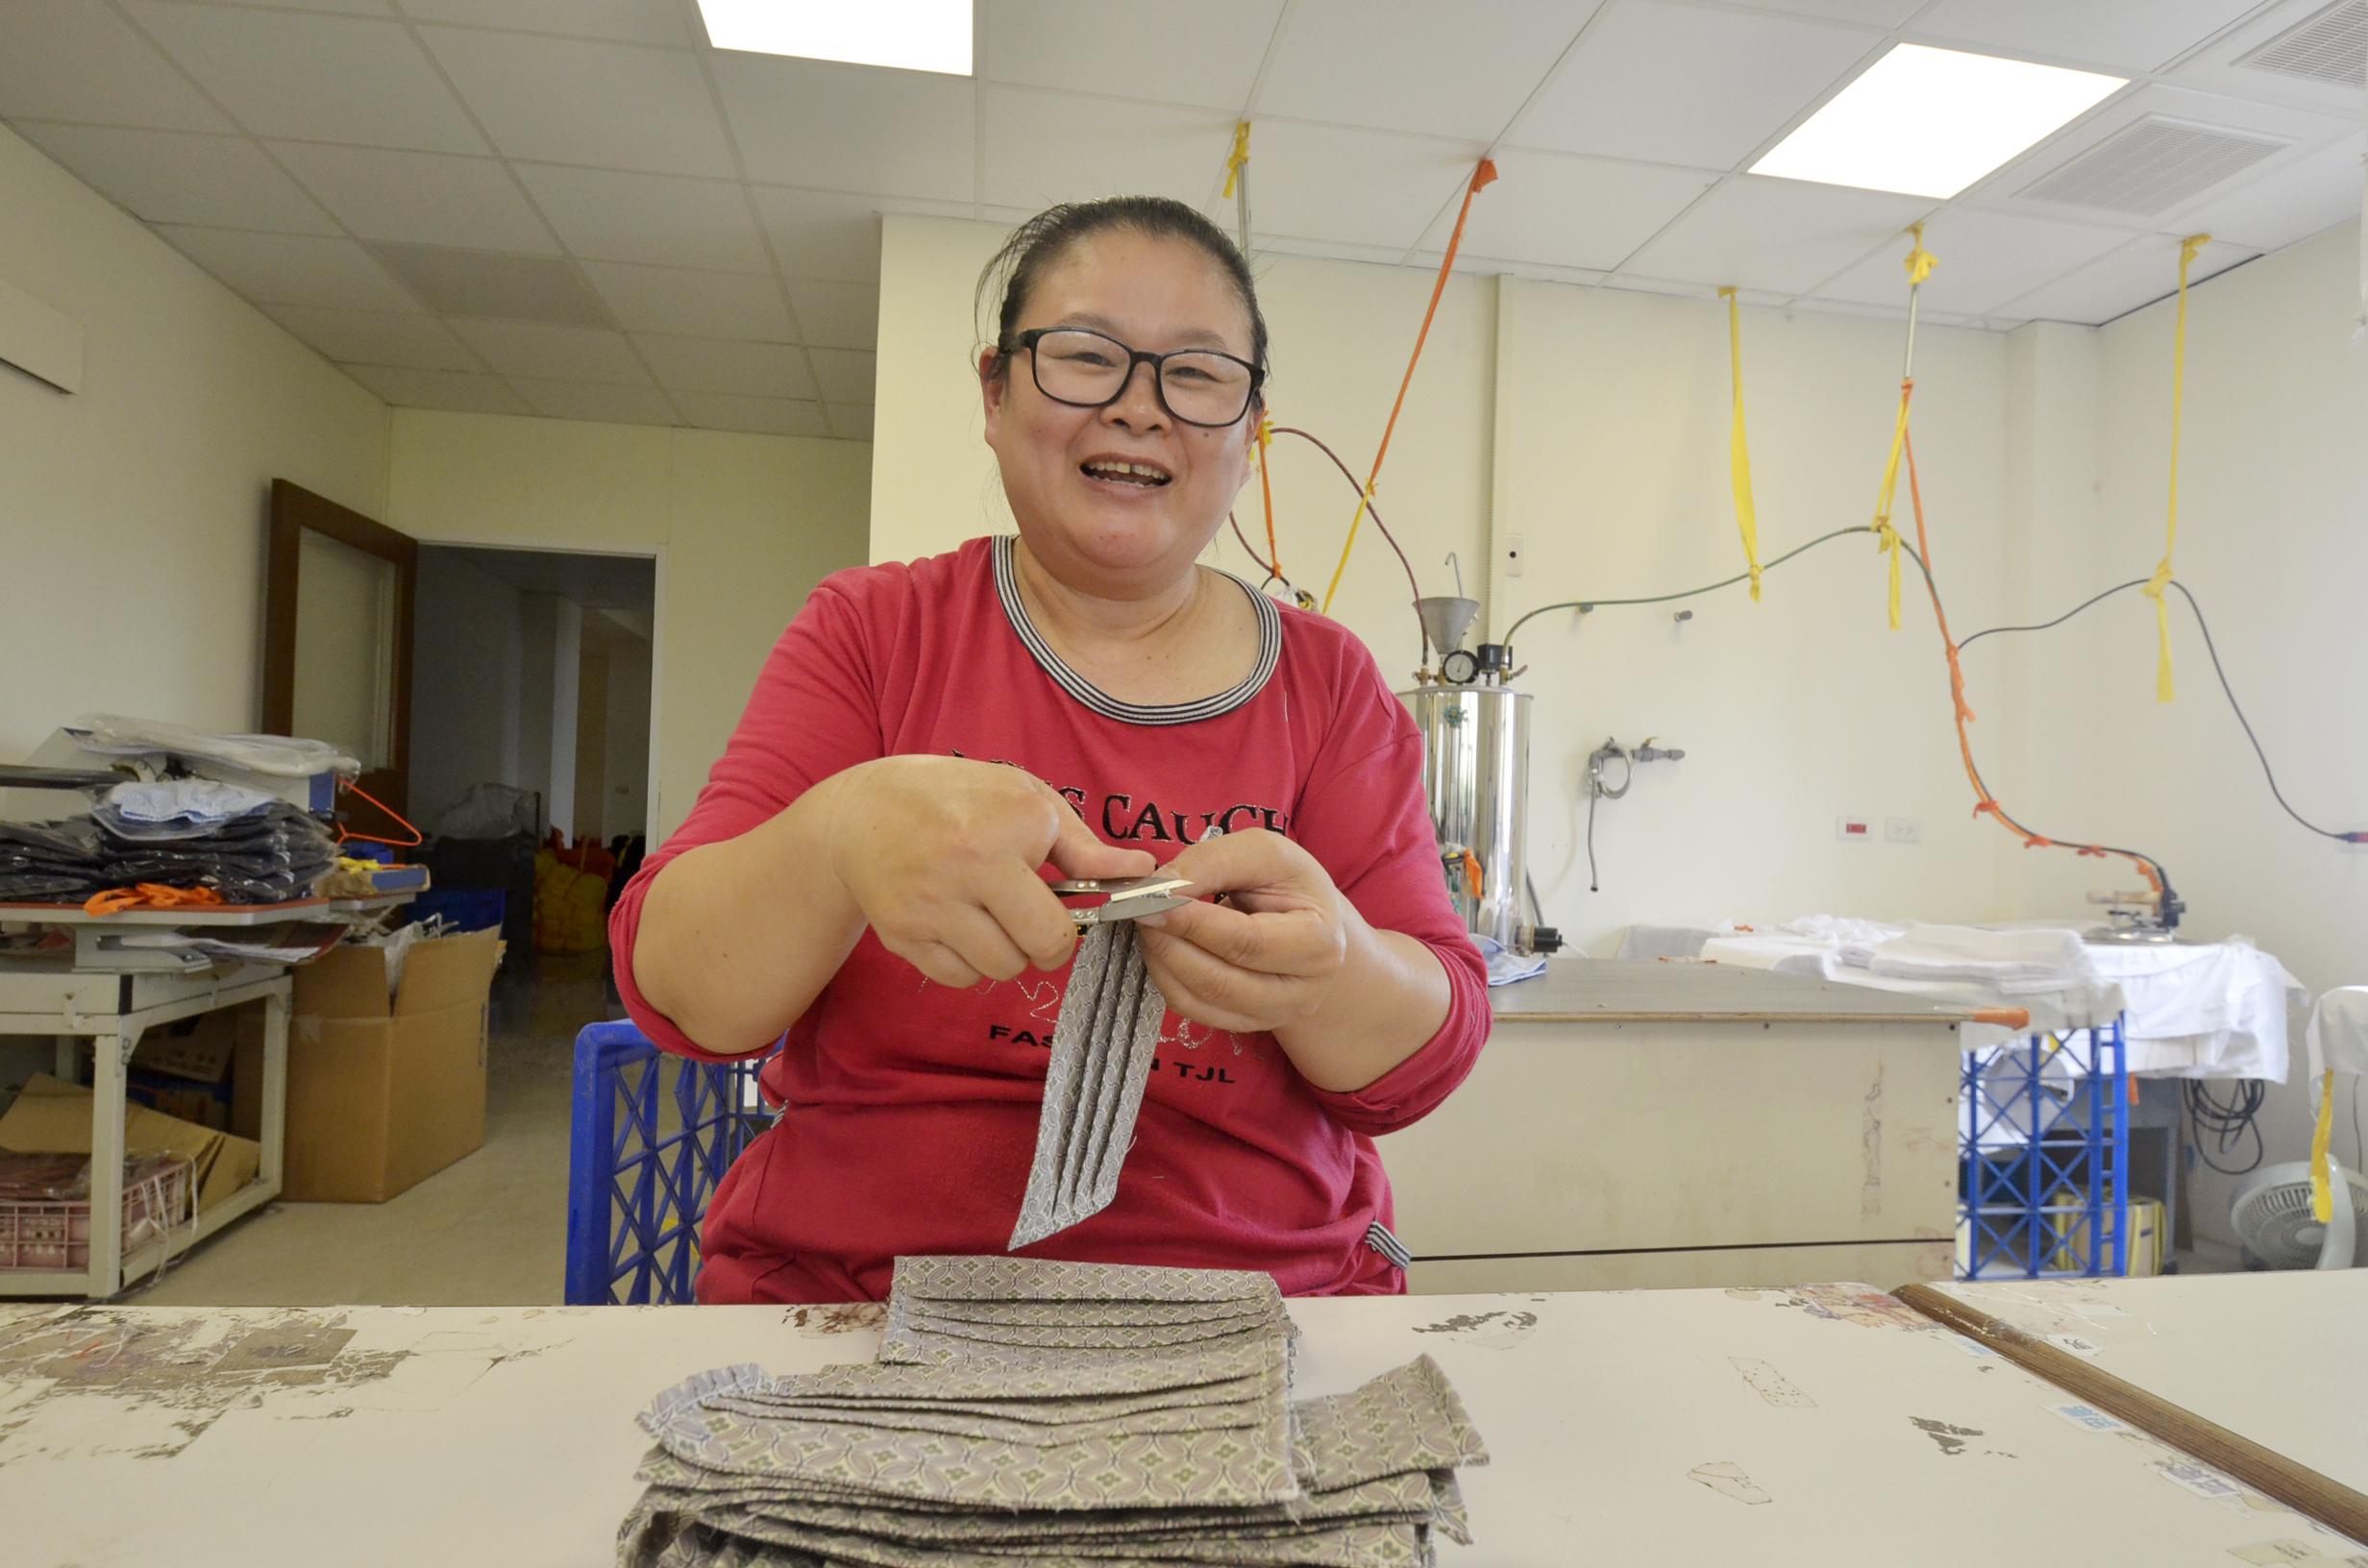 ▲52歲單親媽媽何麗娟,透過僱用獎助措施方案,找到服裝公司廠務助理工作,現已穩定工作一年半。